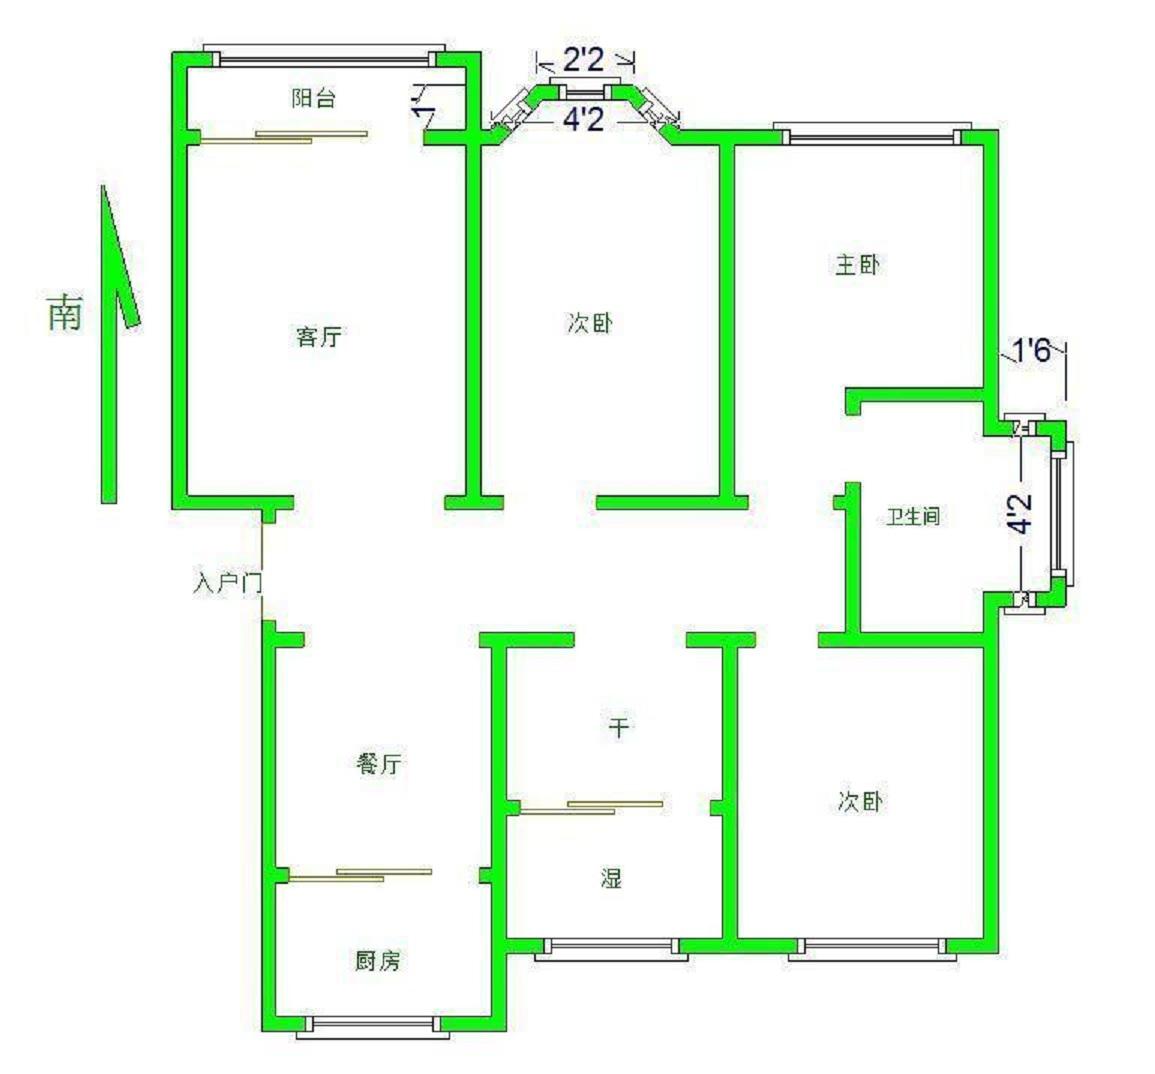 安然居宿舍 3室2厅 双证齐全过五年 精装 190万